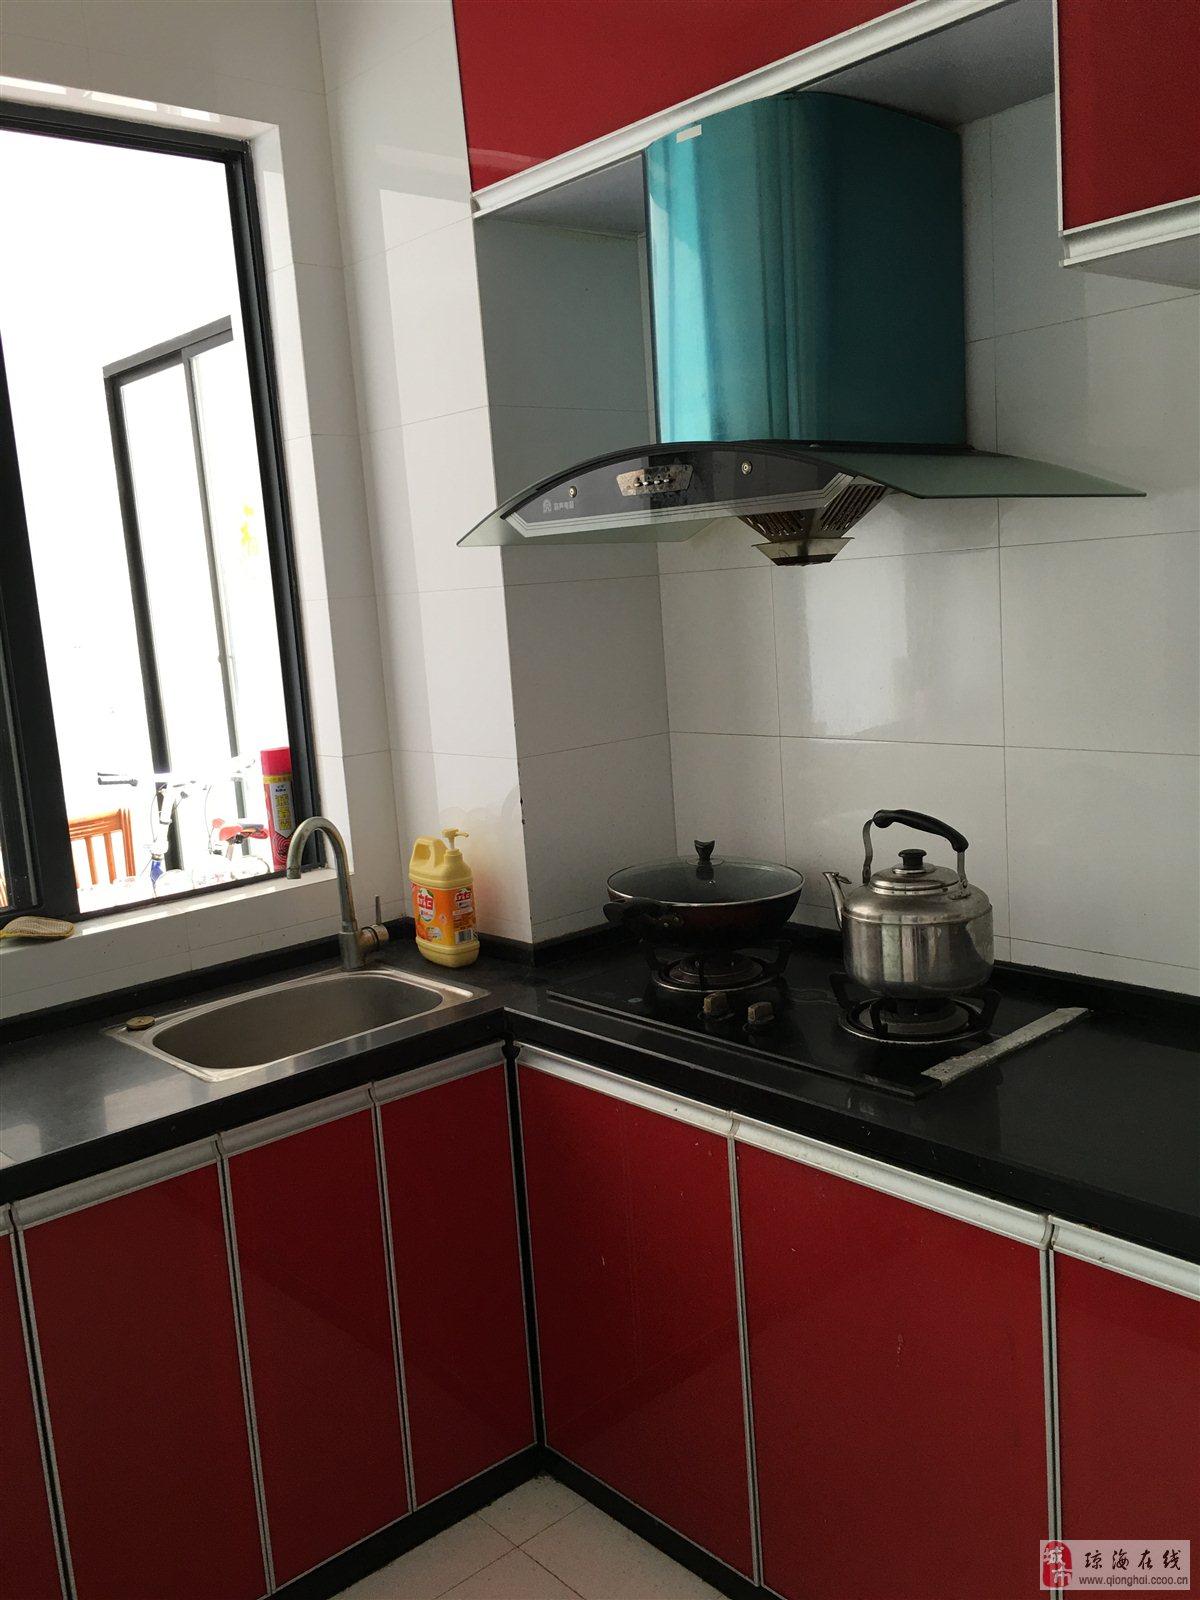 橱柜 厨房 家居 设计 装修 1200_1600 竖版 竖屏